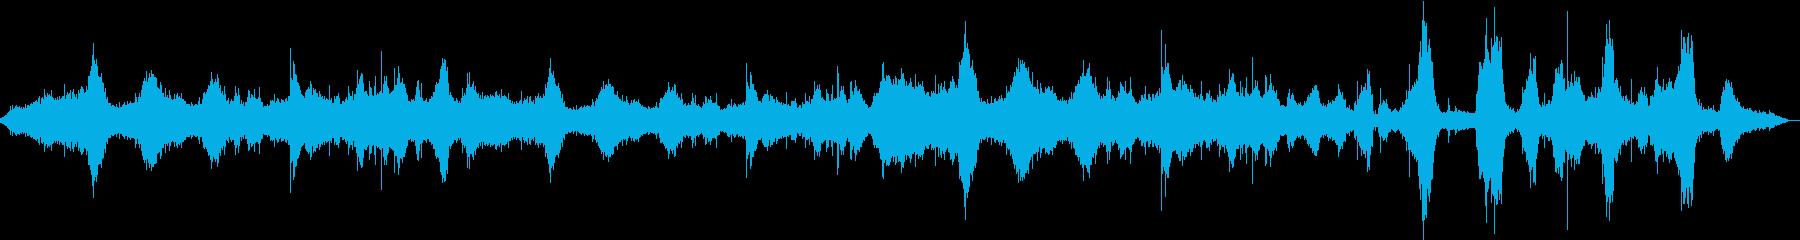 穏やかな波の音の効果音ですの再生済みの波形